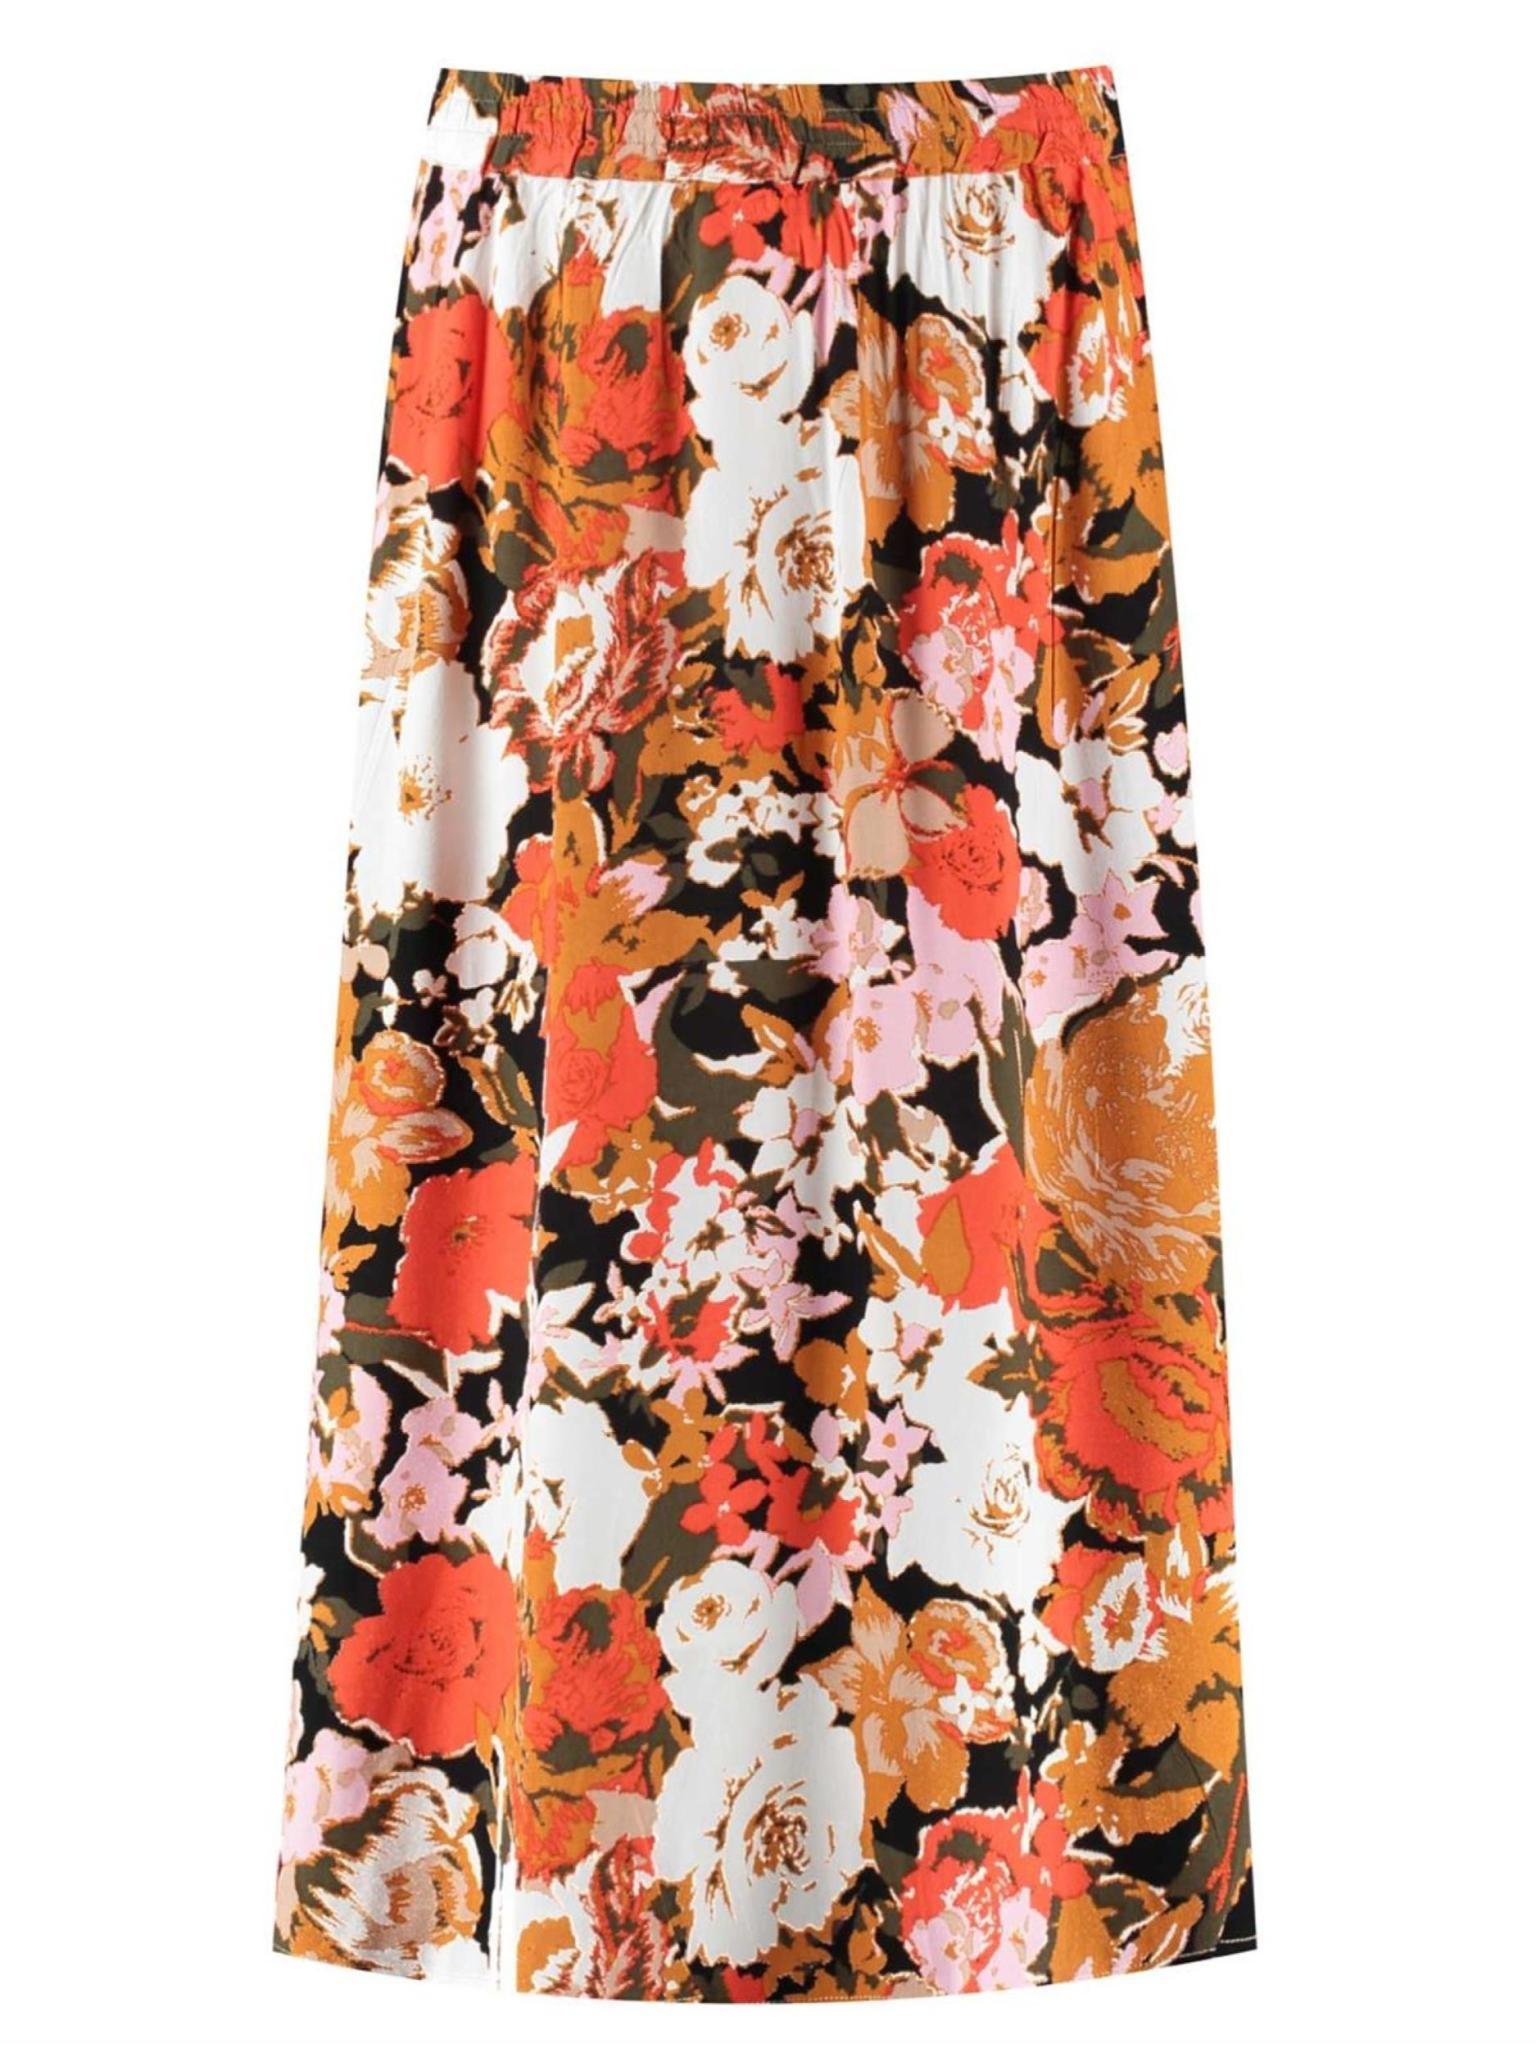 ICHI Elixen Skirt